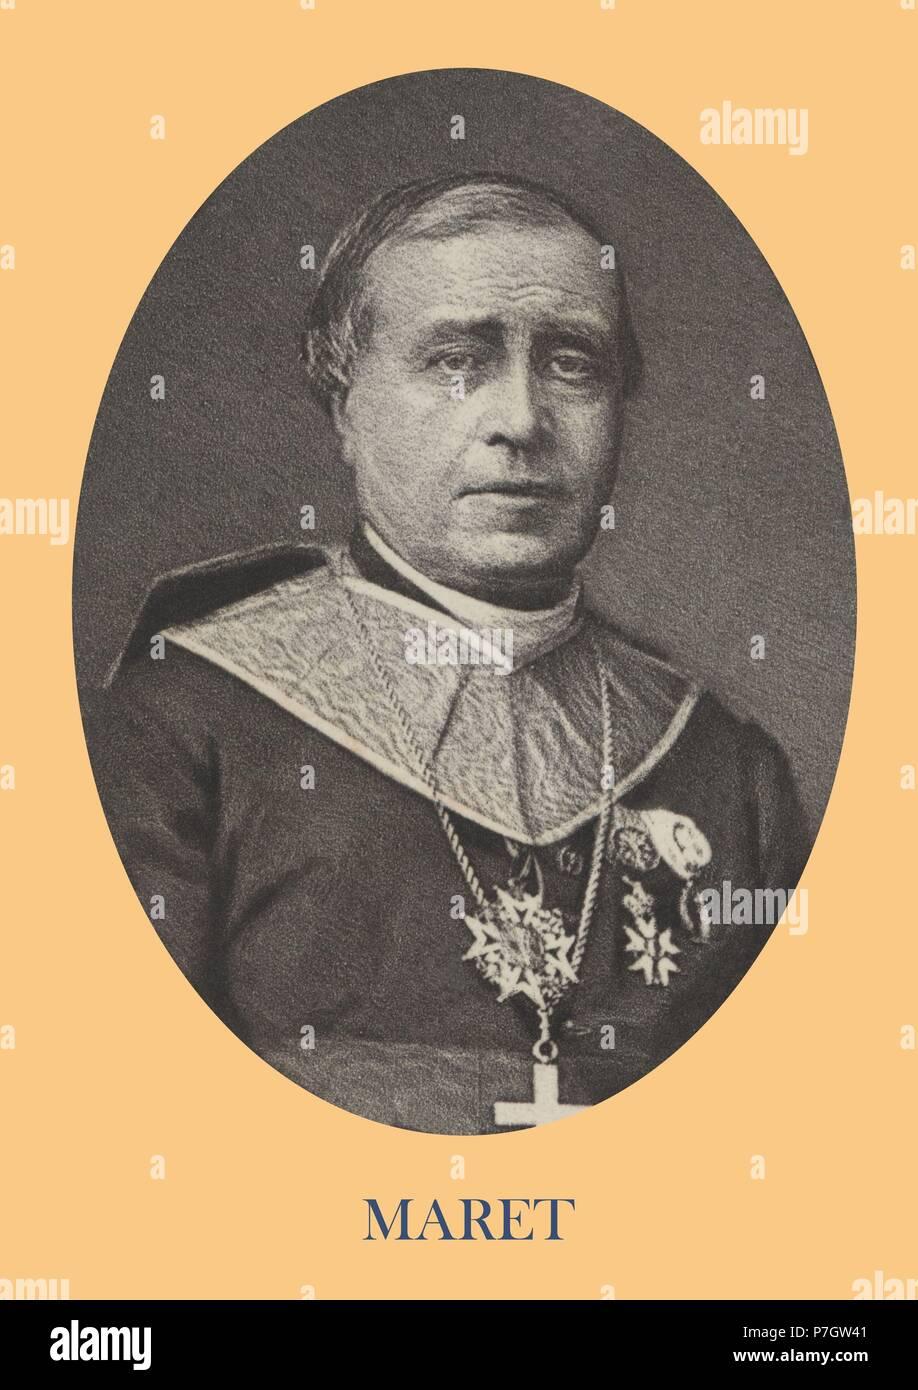 Resultado de imagen de El obispo Maret,